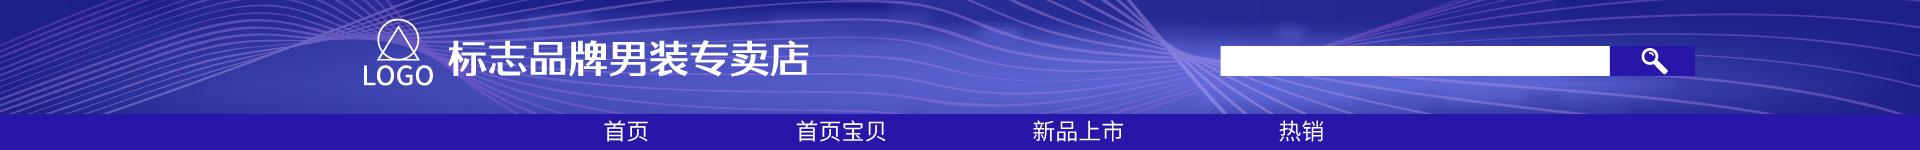 蓝色线条商务男装电商店招设计